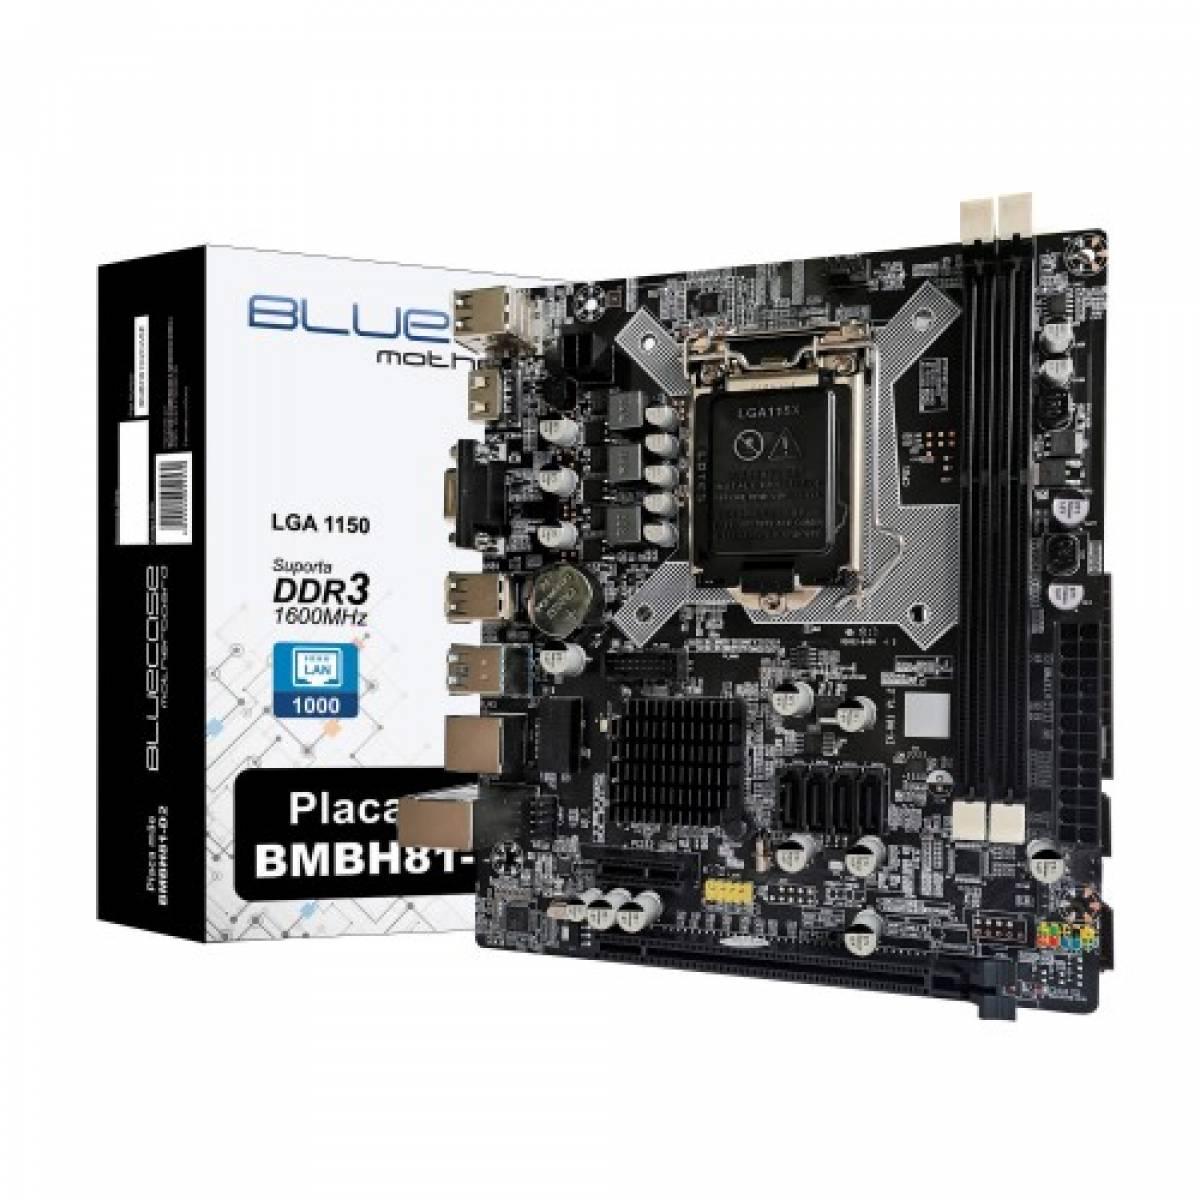 Placa-mãe Bluecase  H81, LGA1150, c/ Rede Gigabit - BMBH81-D2